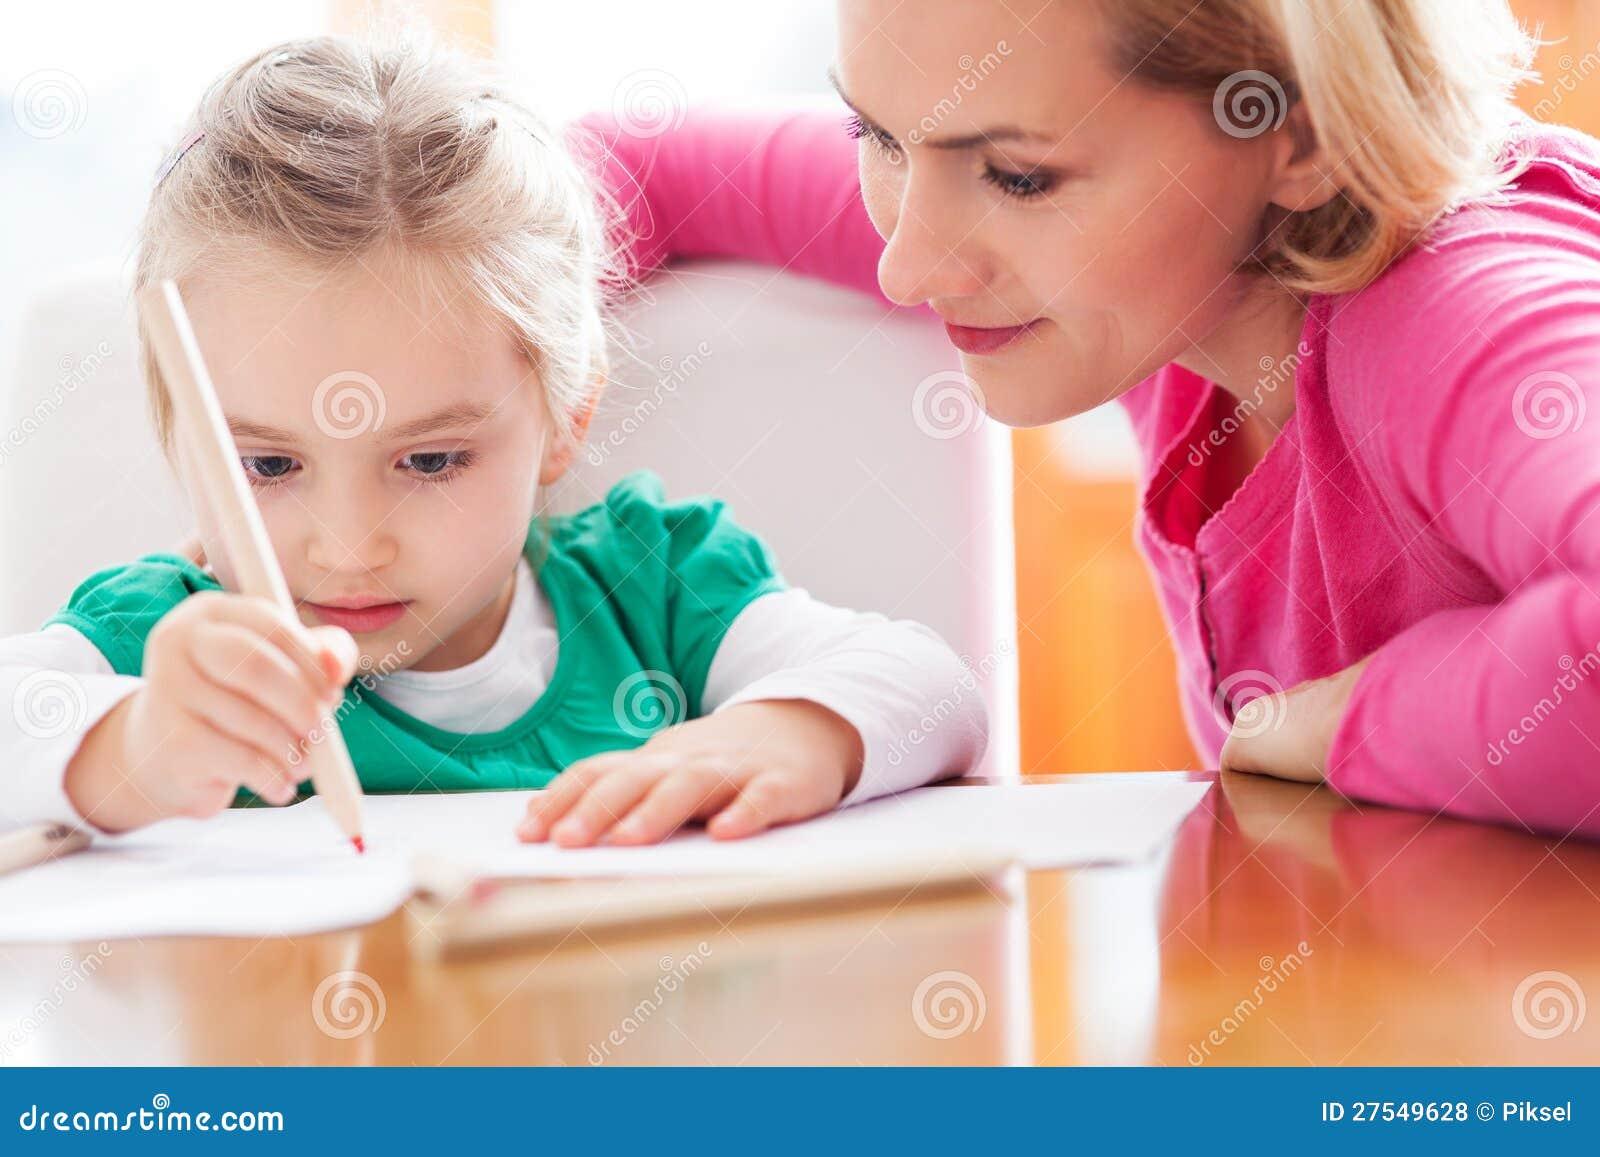 Σχέδιο μητέρων και κορών